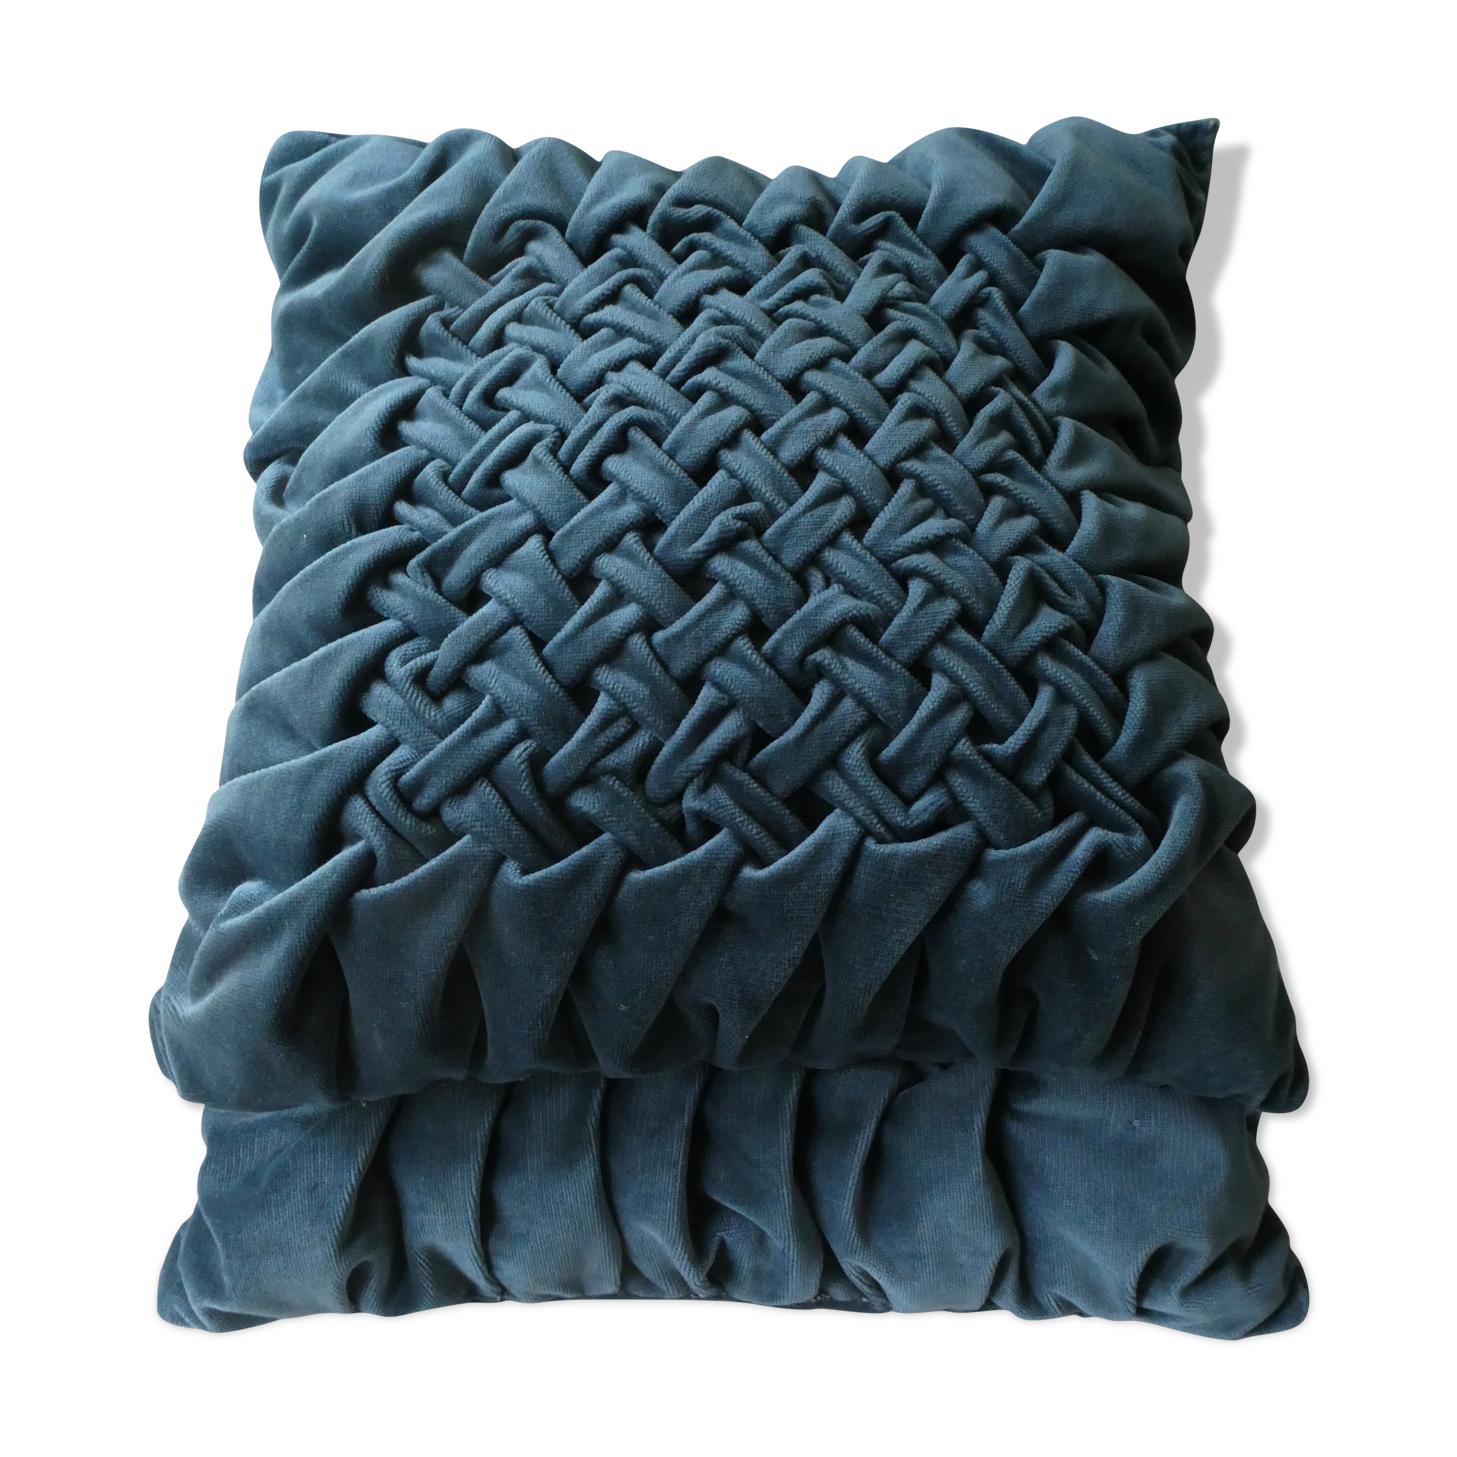 Paire de coussins anciens, en velours bleu canard, effet plissé